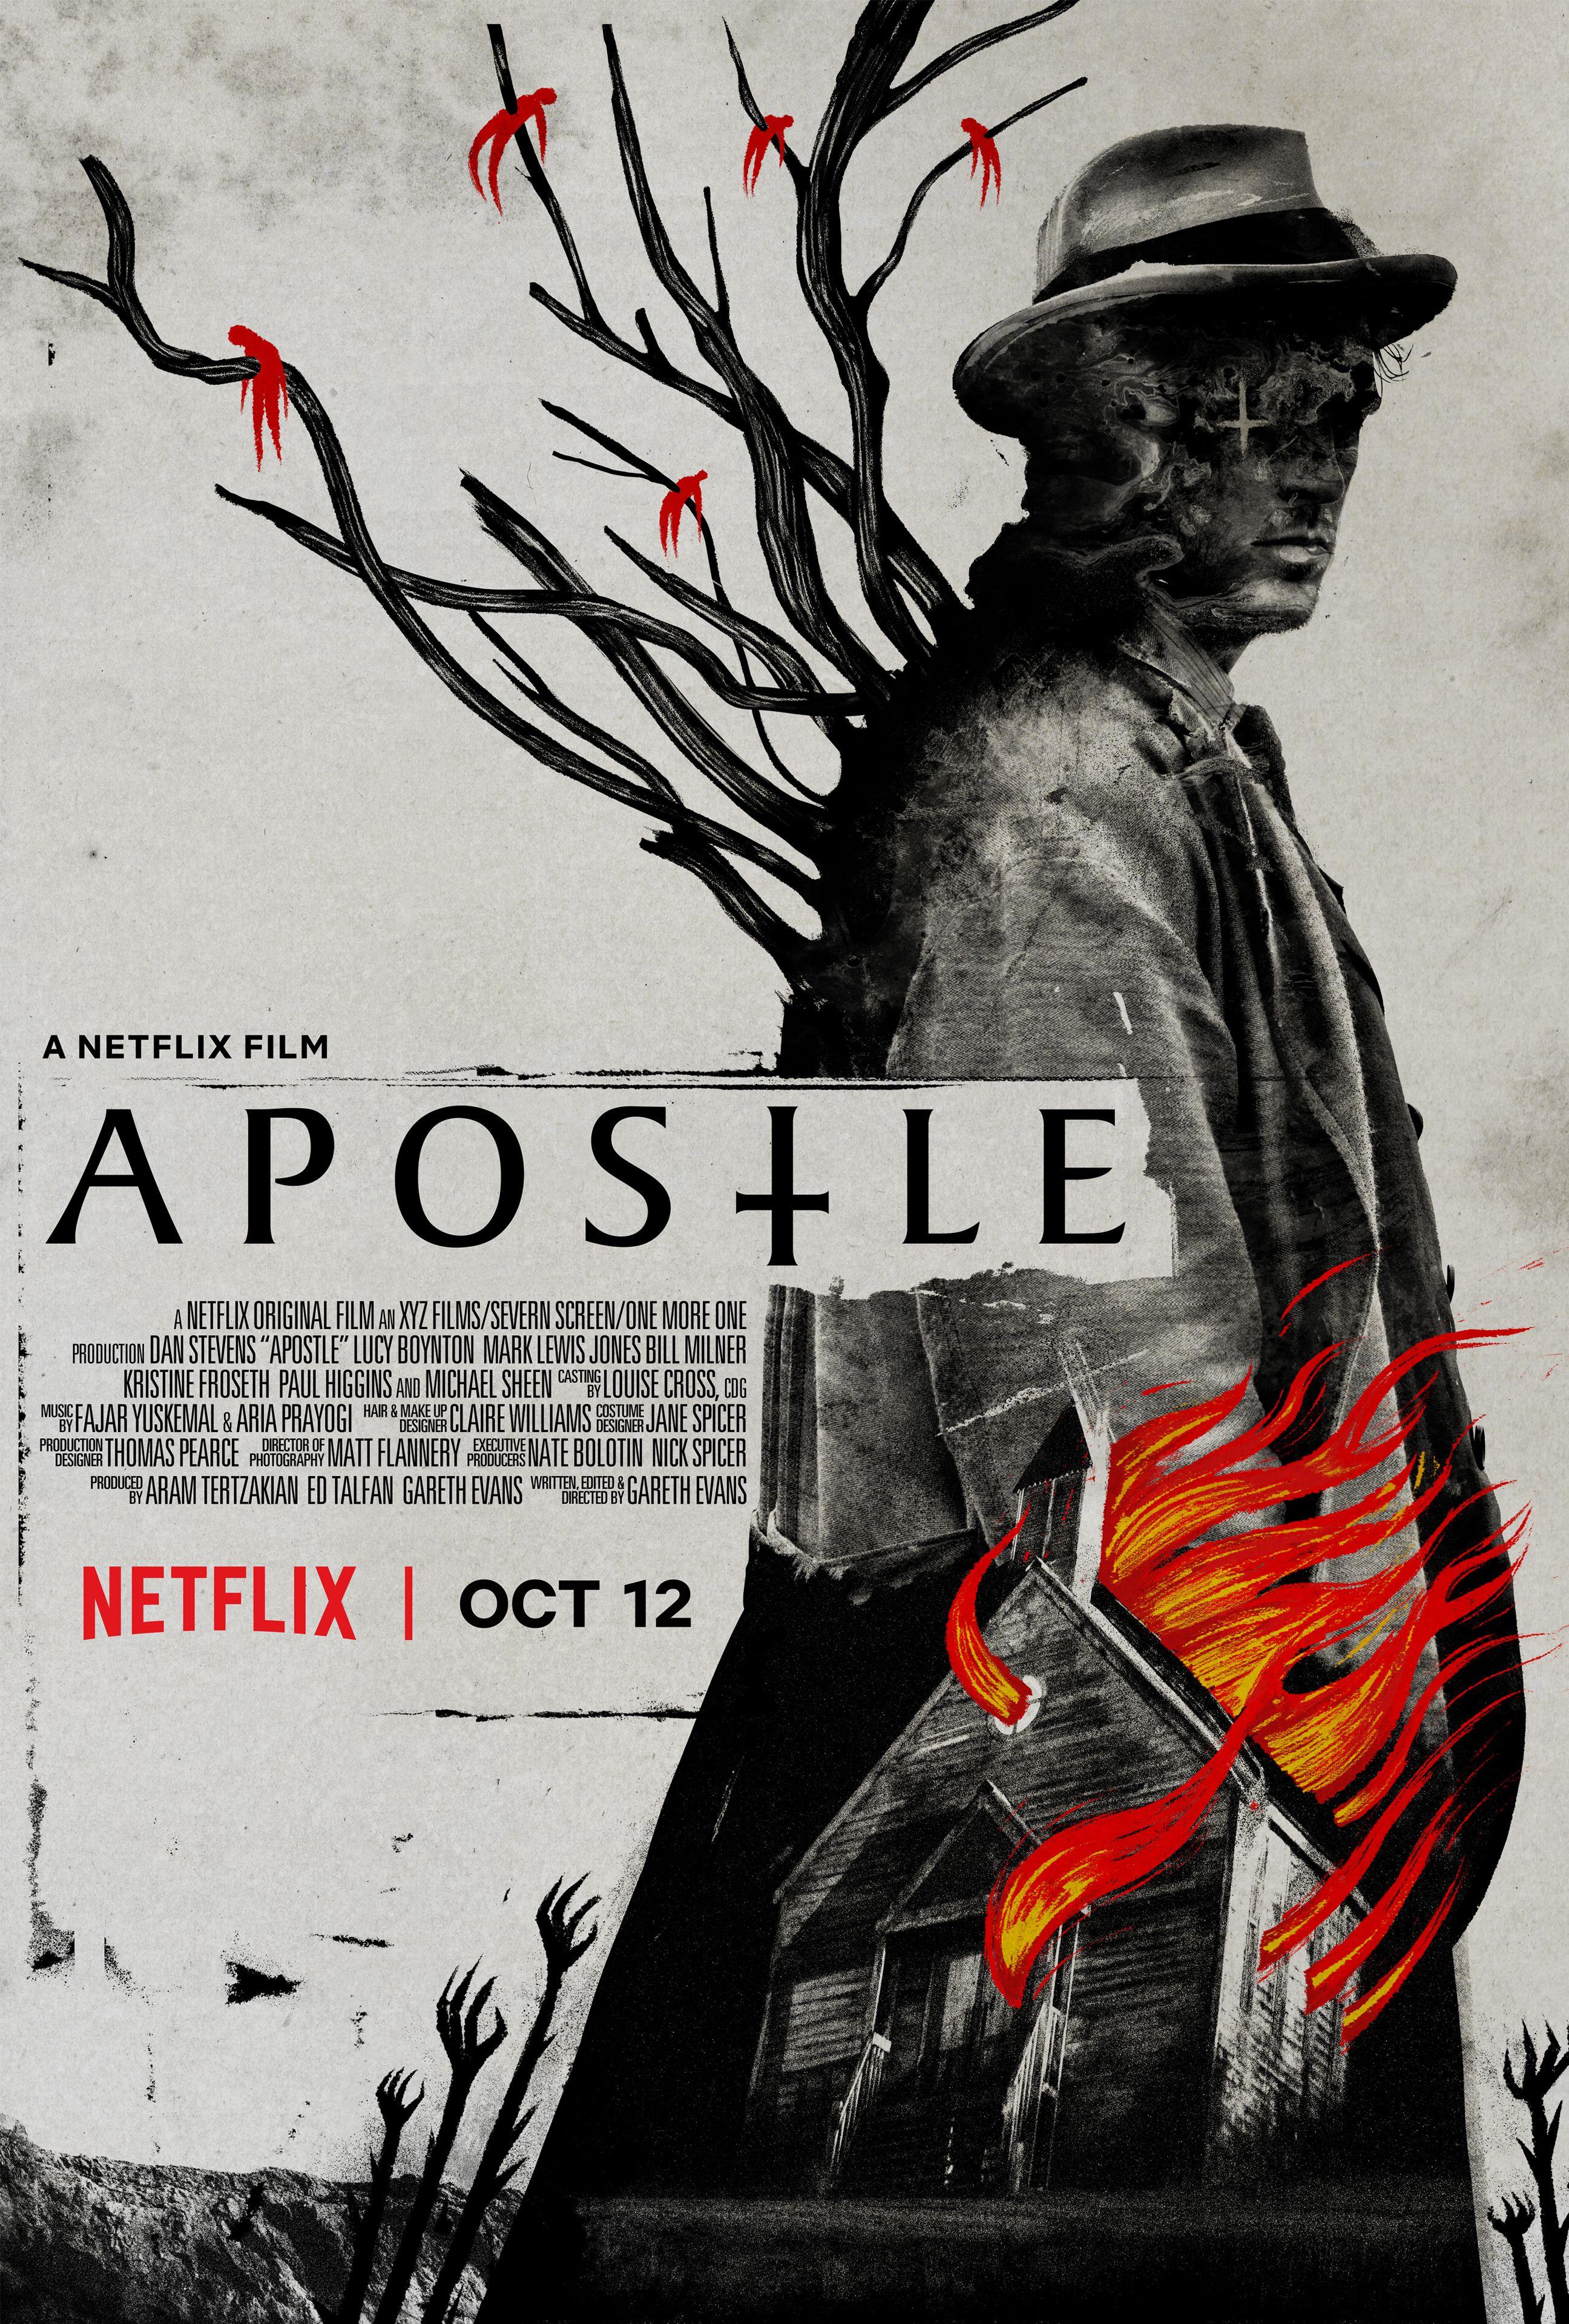 Últimas películas que has visto - (La liga 2018 en el primer post) - Página 7 Apostle-poster-netflix